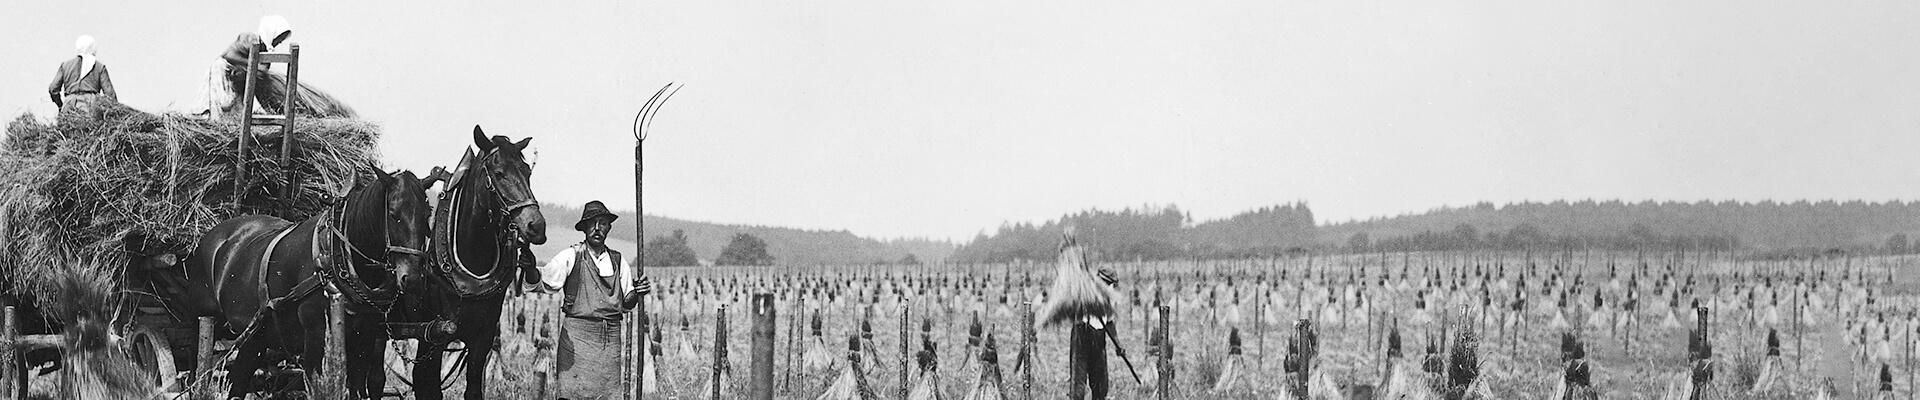 schwarz-weiß Aufnahme von Feldarbeitern